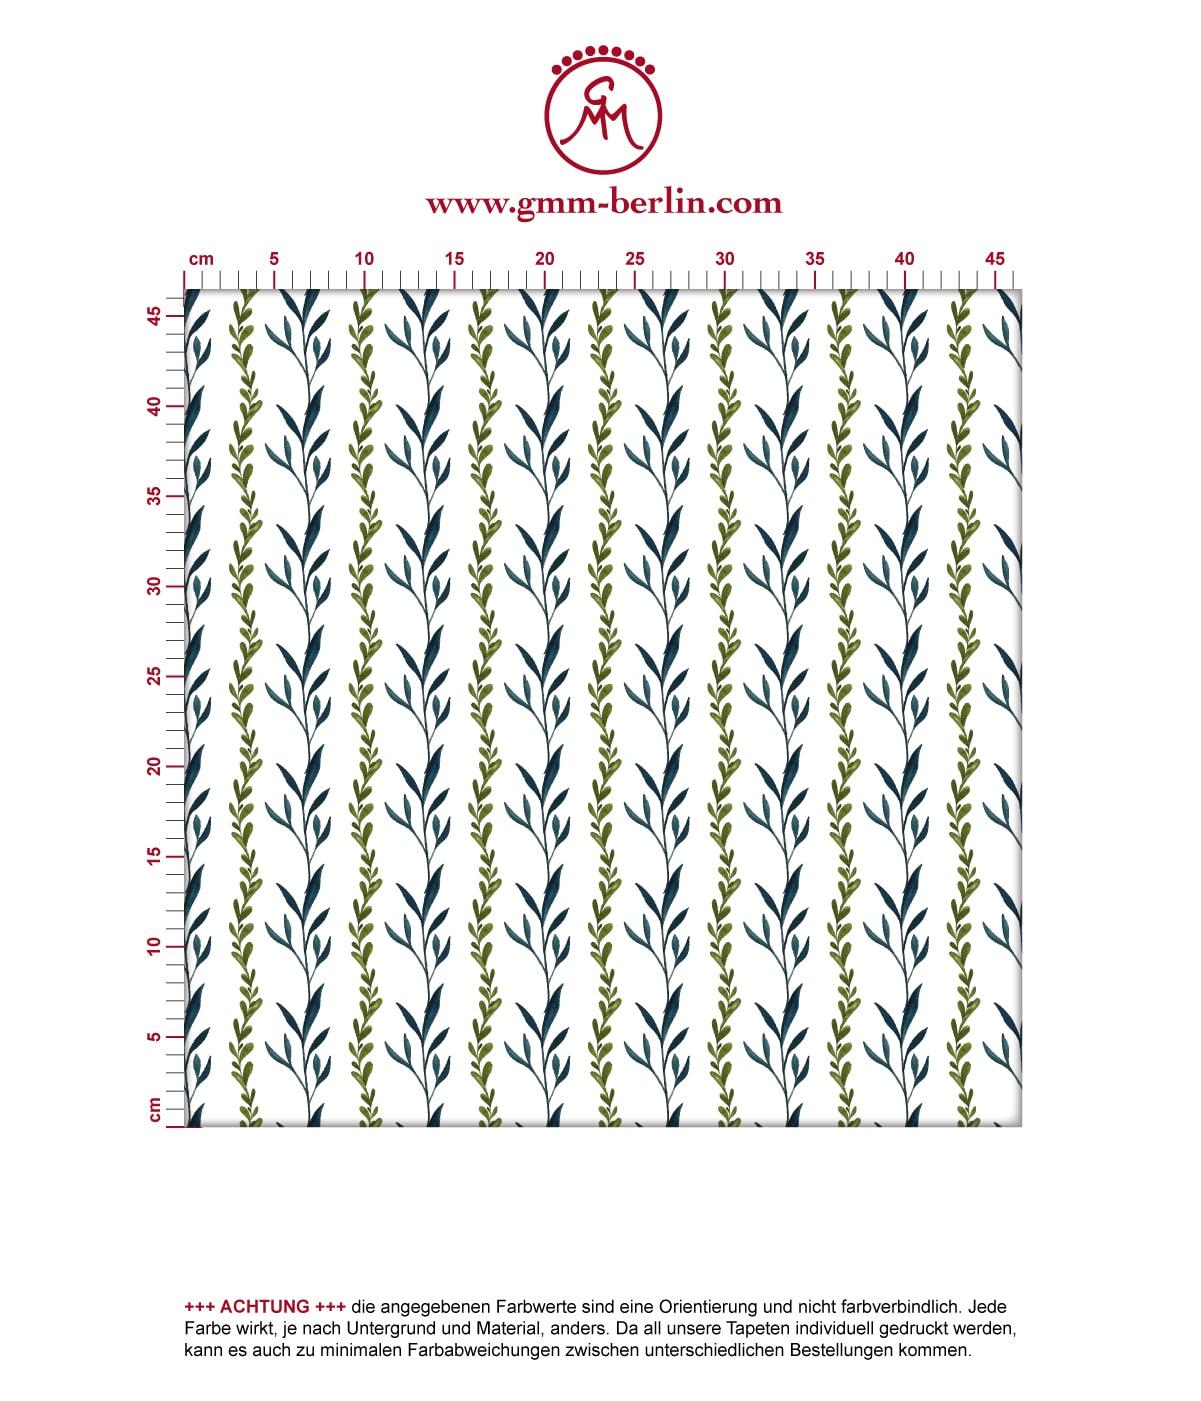 """Grüne Tapete """"zarte Laub Streifen"""" mit gemalten Blättern in grün"""